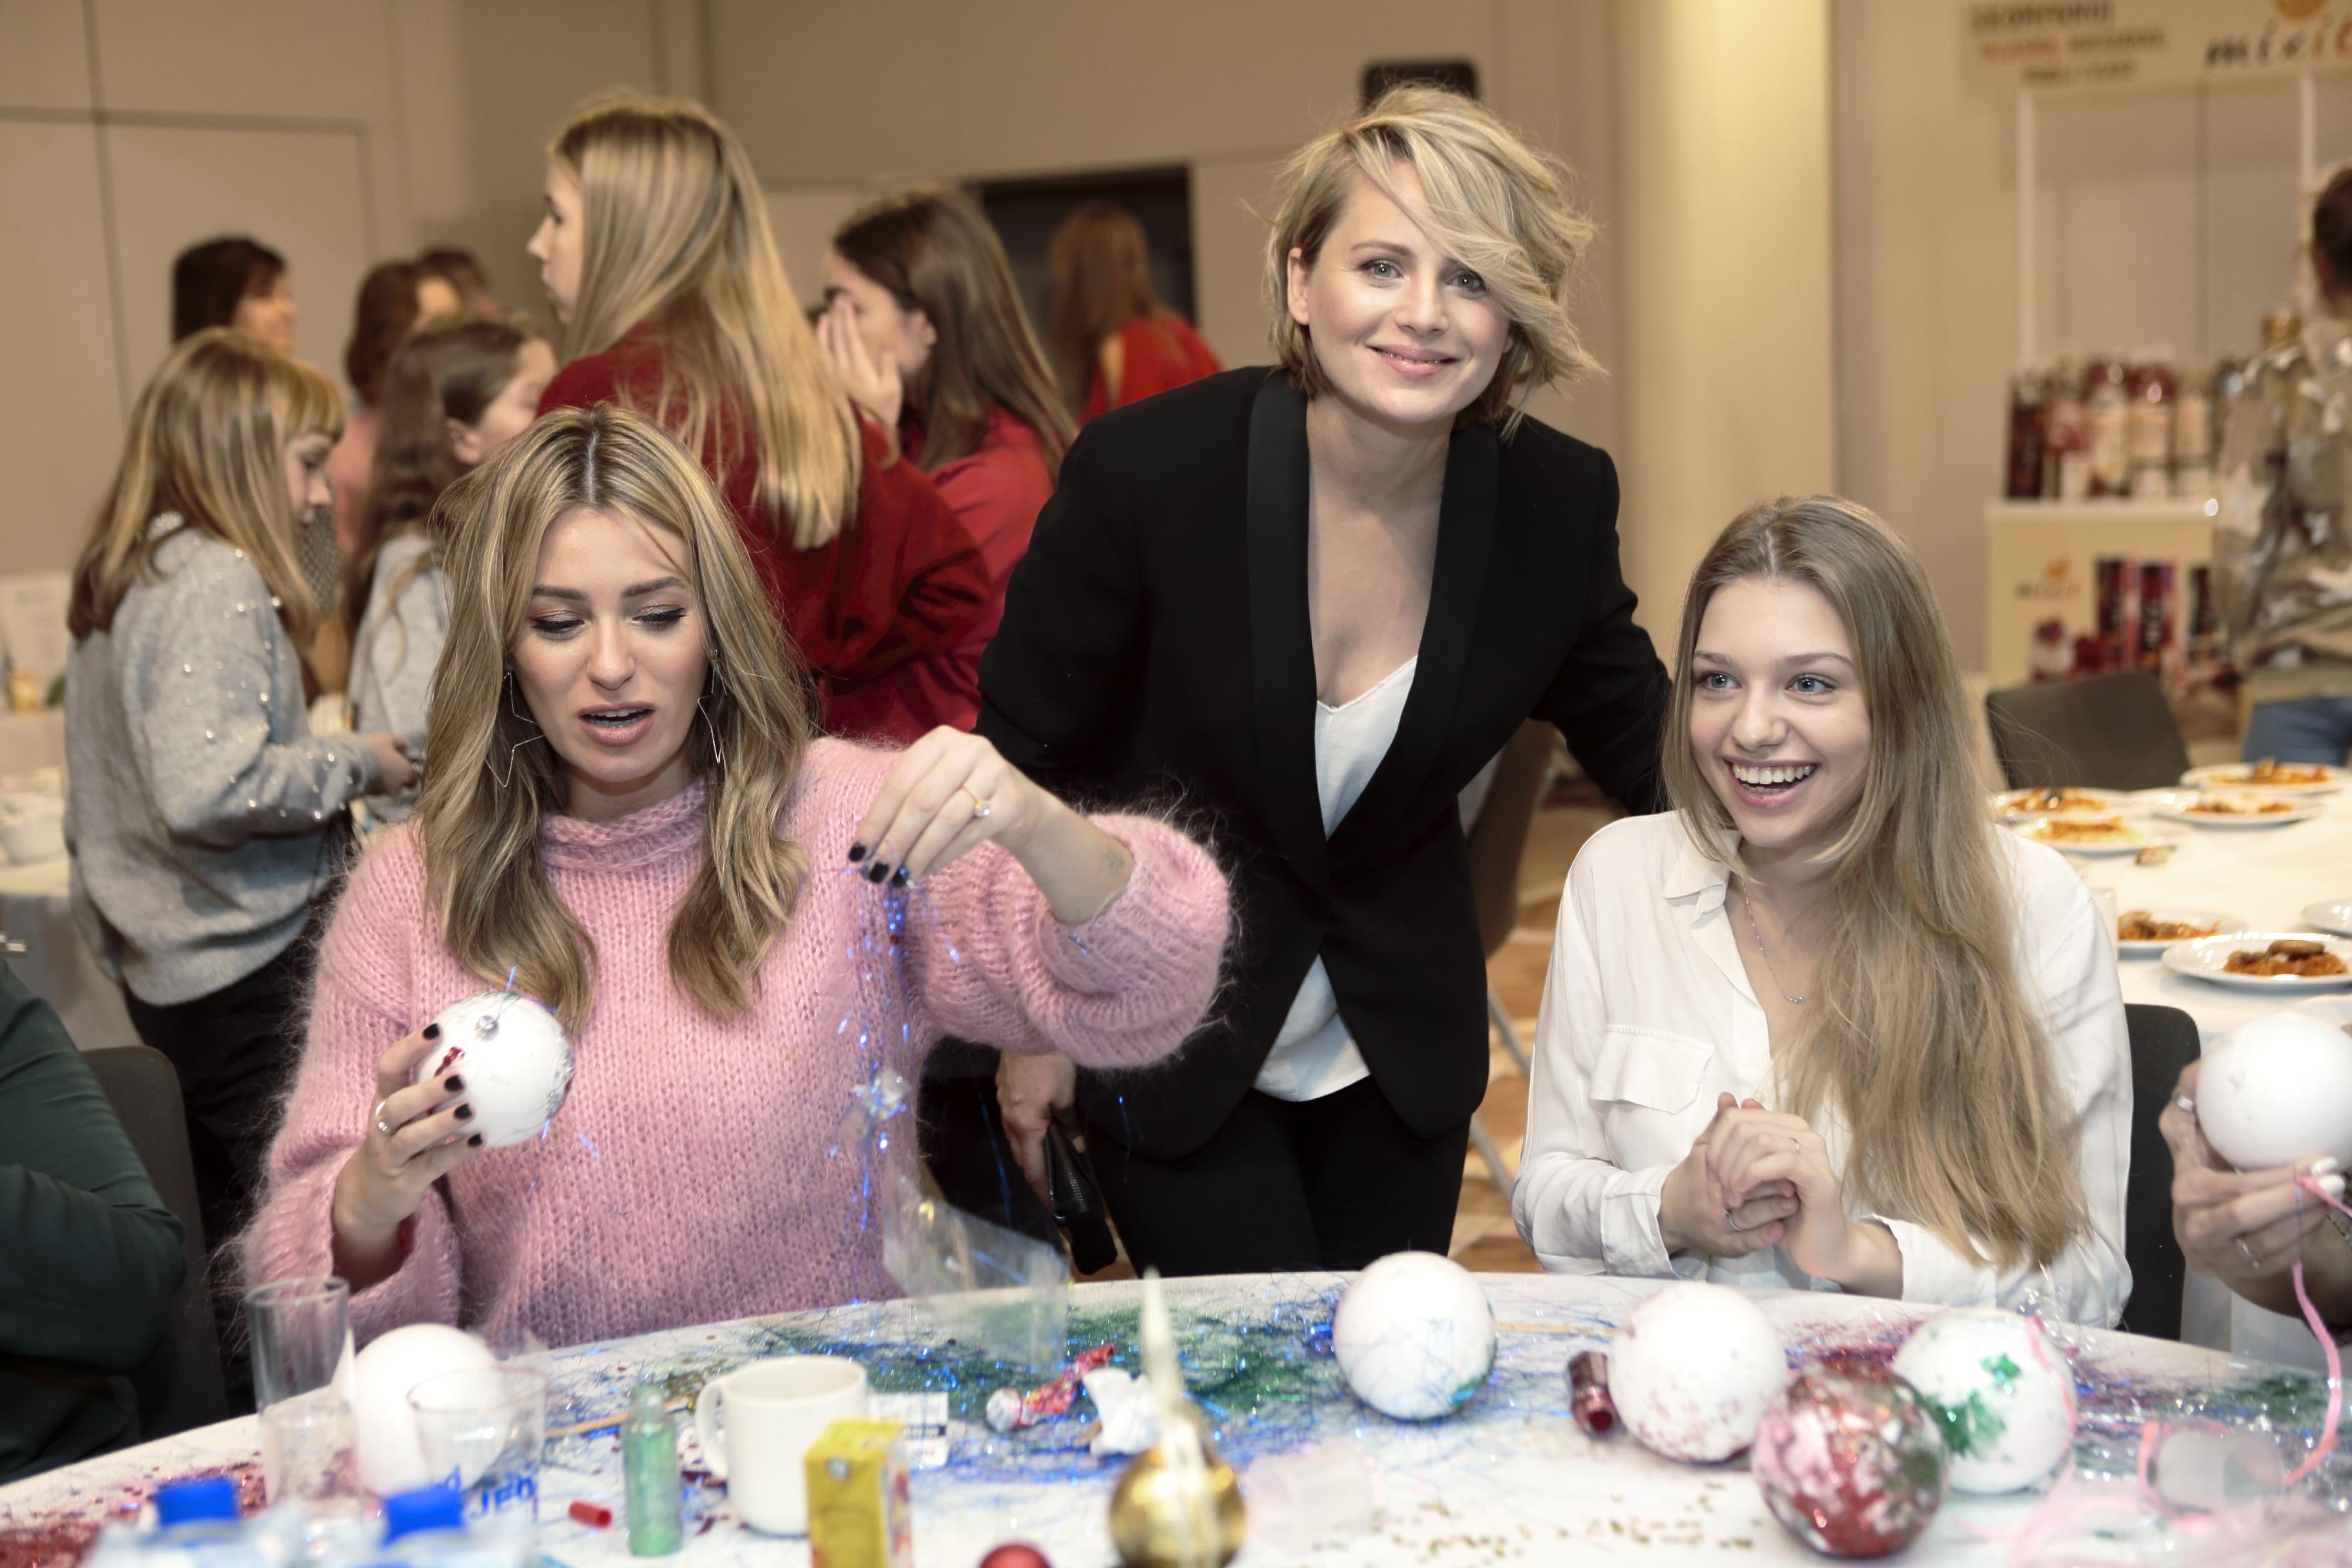 Marcelina Zawadzka, Paulina Chruściel, Nicole Bogdnowicz